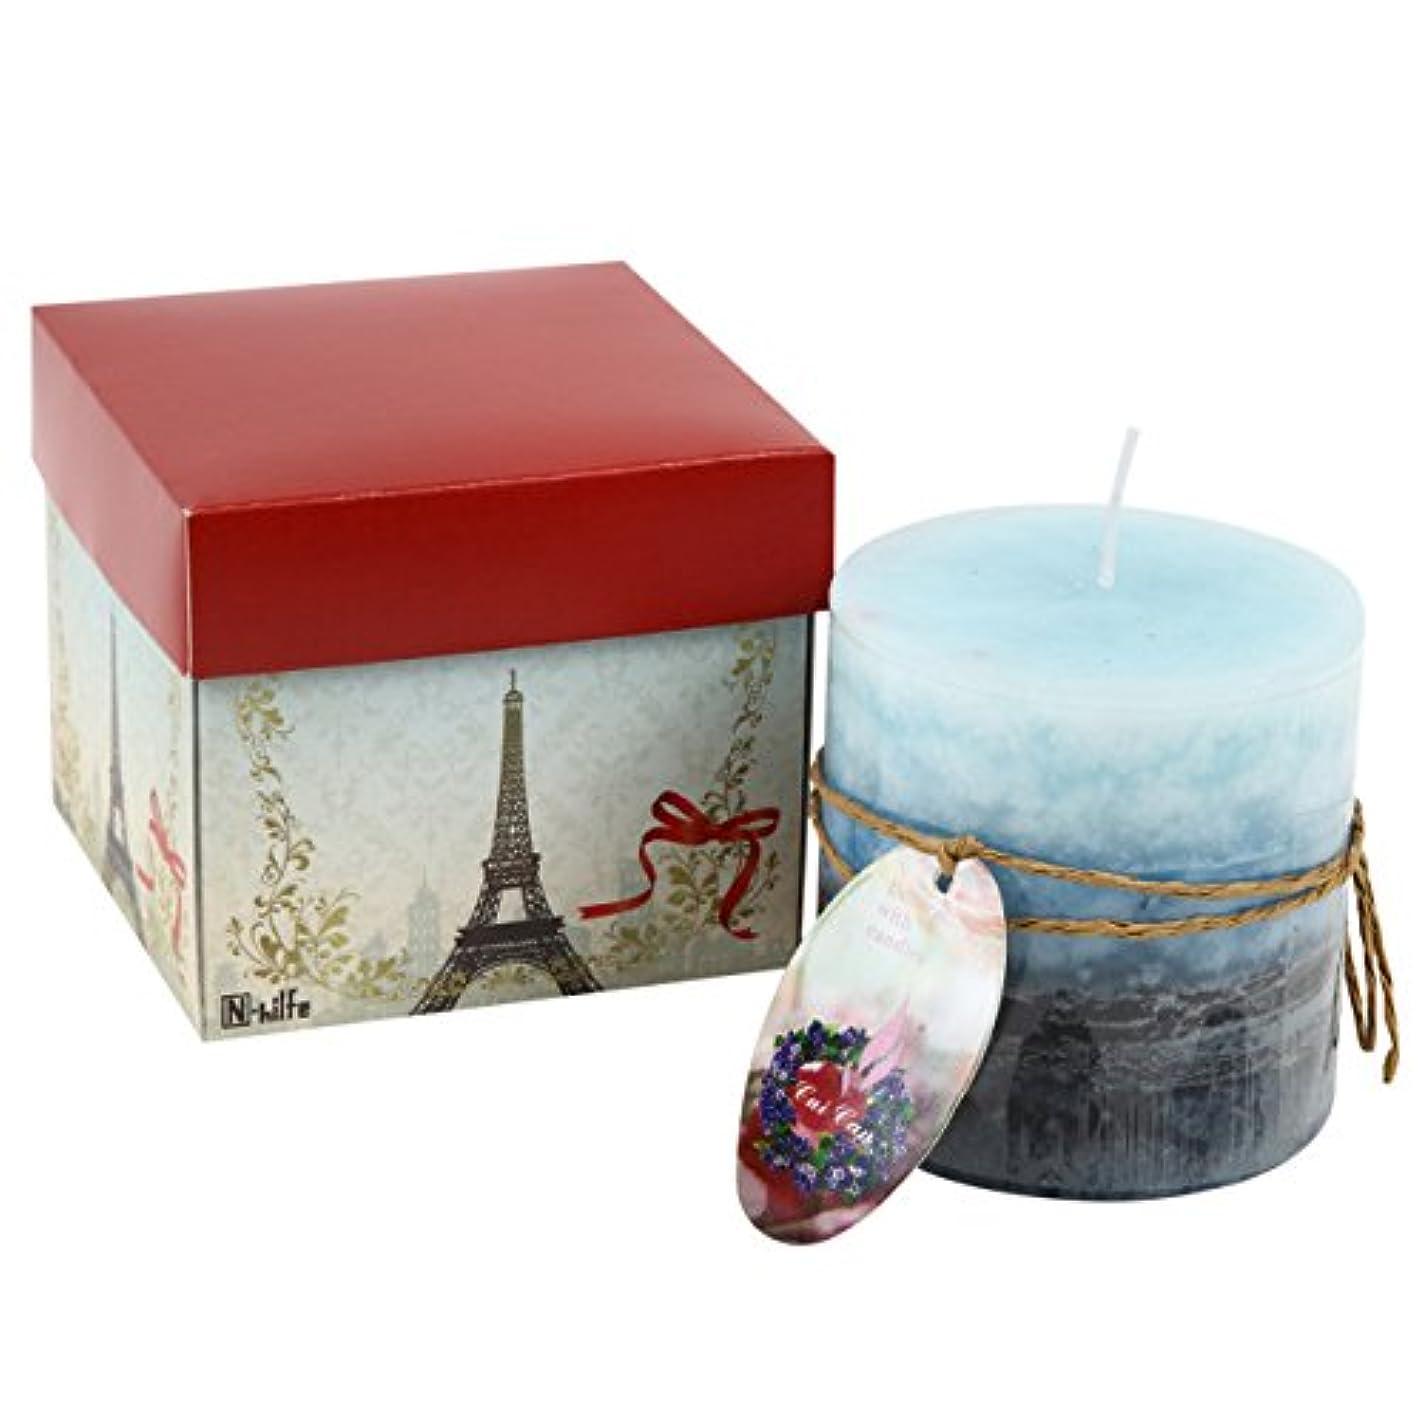 困惑する迷信第五N-hilfe キャンドル 7.5x7.5cm 蝋燭 アロマキャンドル (ビーチ,青)